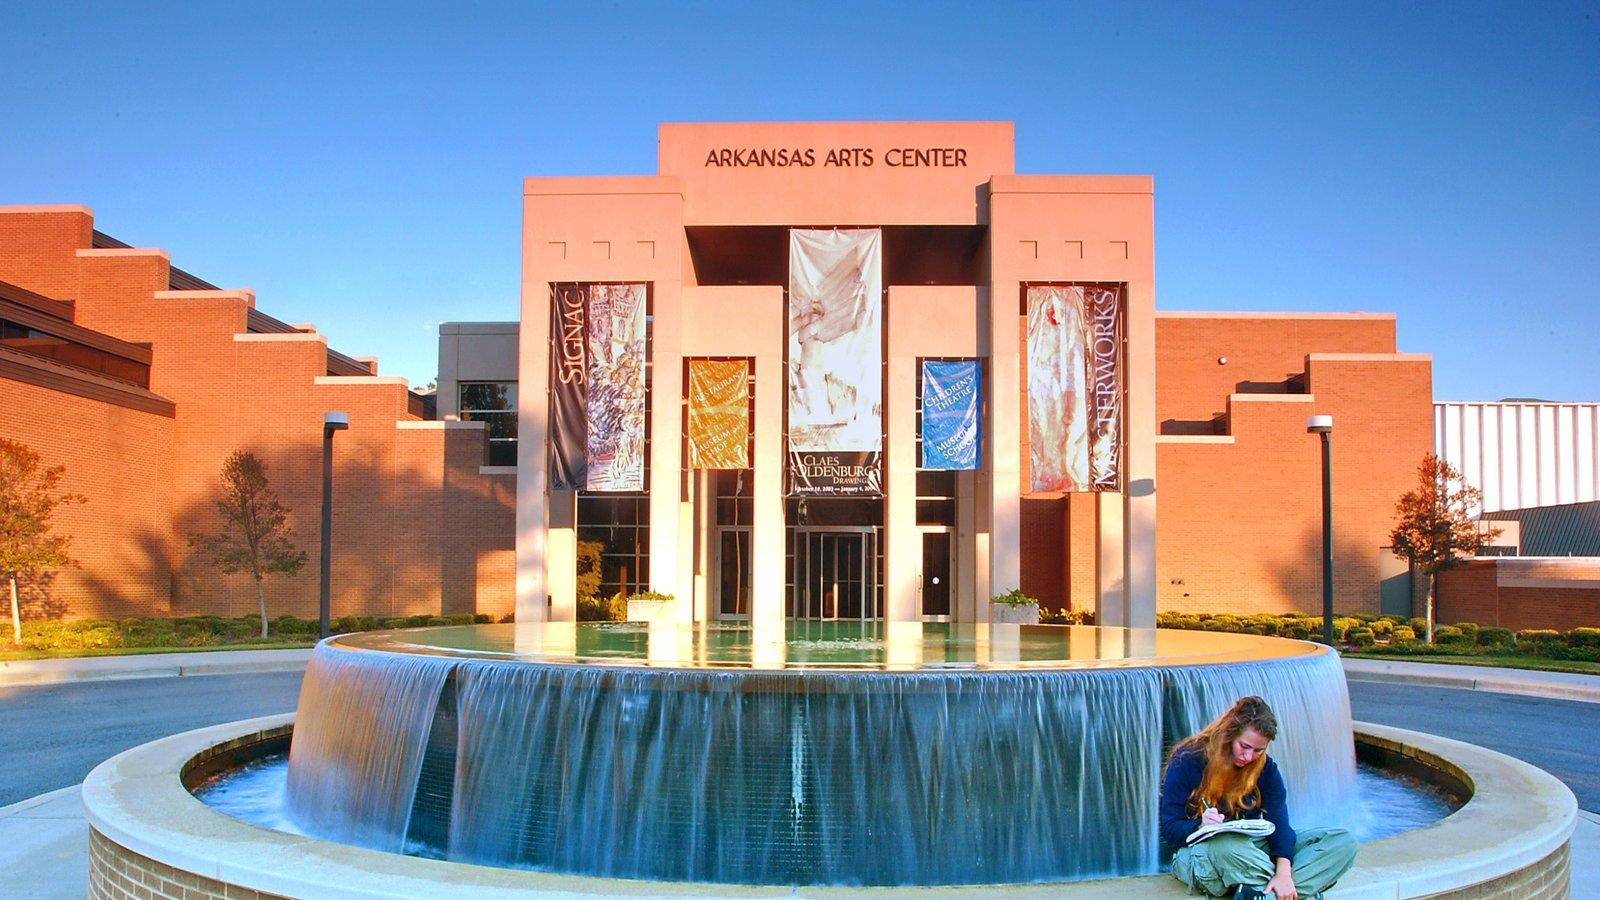 Little Rock mostrando uma fonte e arquitetura moderna assim como uma mulher sozinha